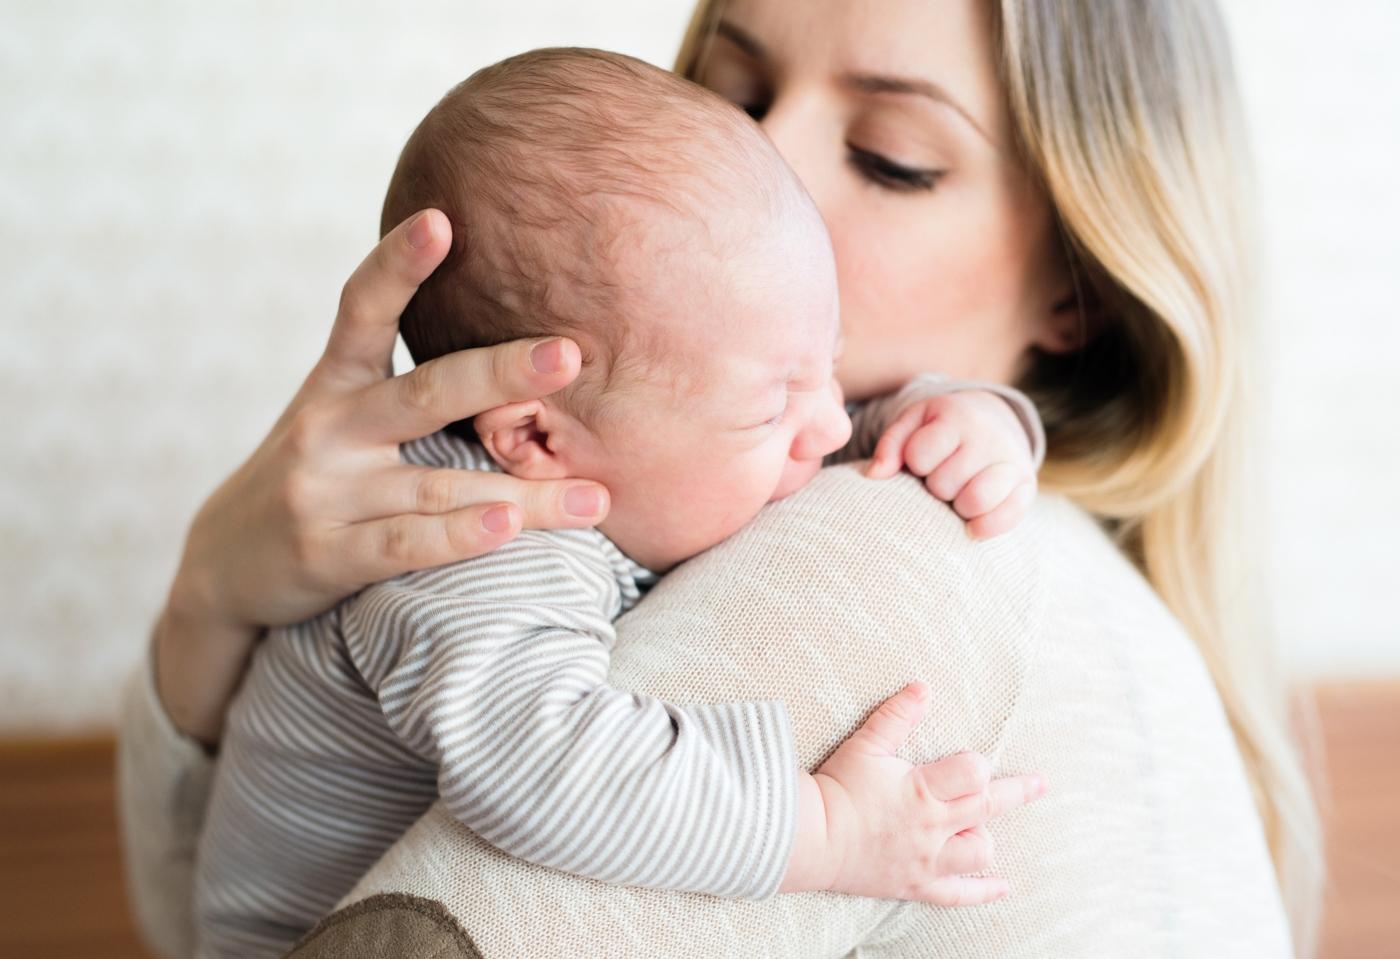 intolerância à lactose em bebés: principais sintomas